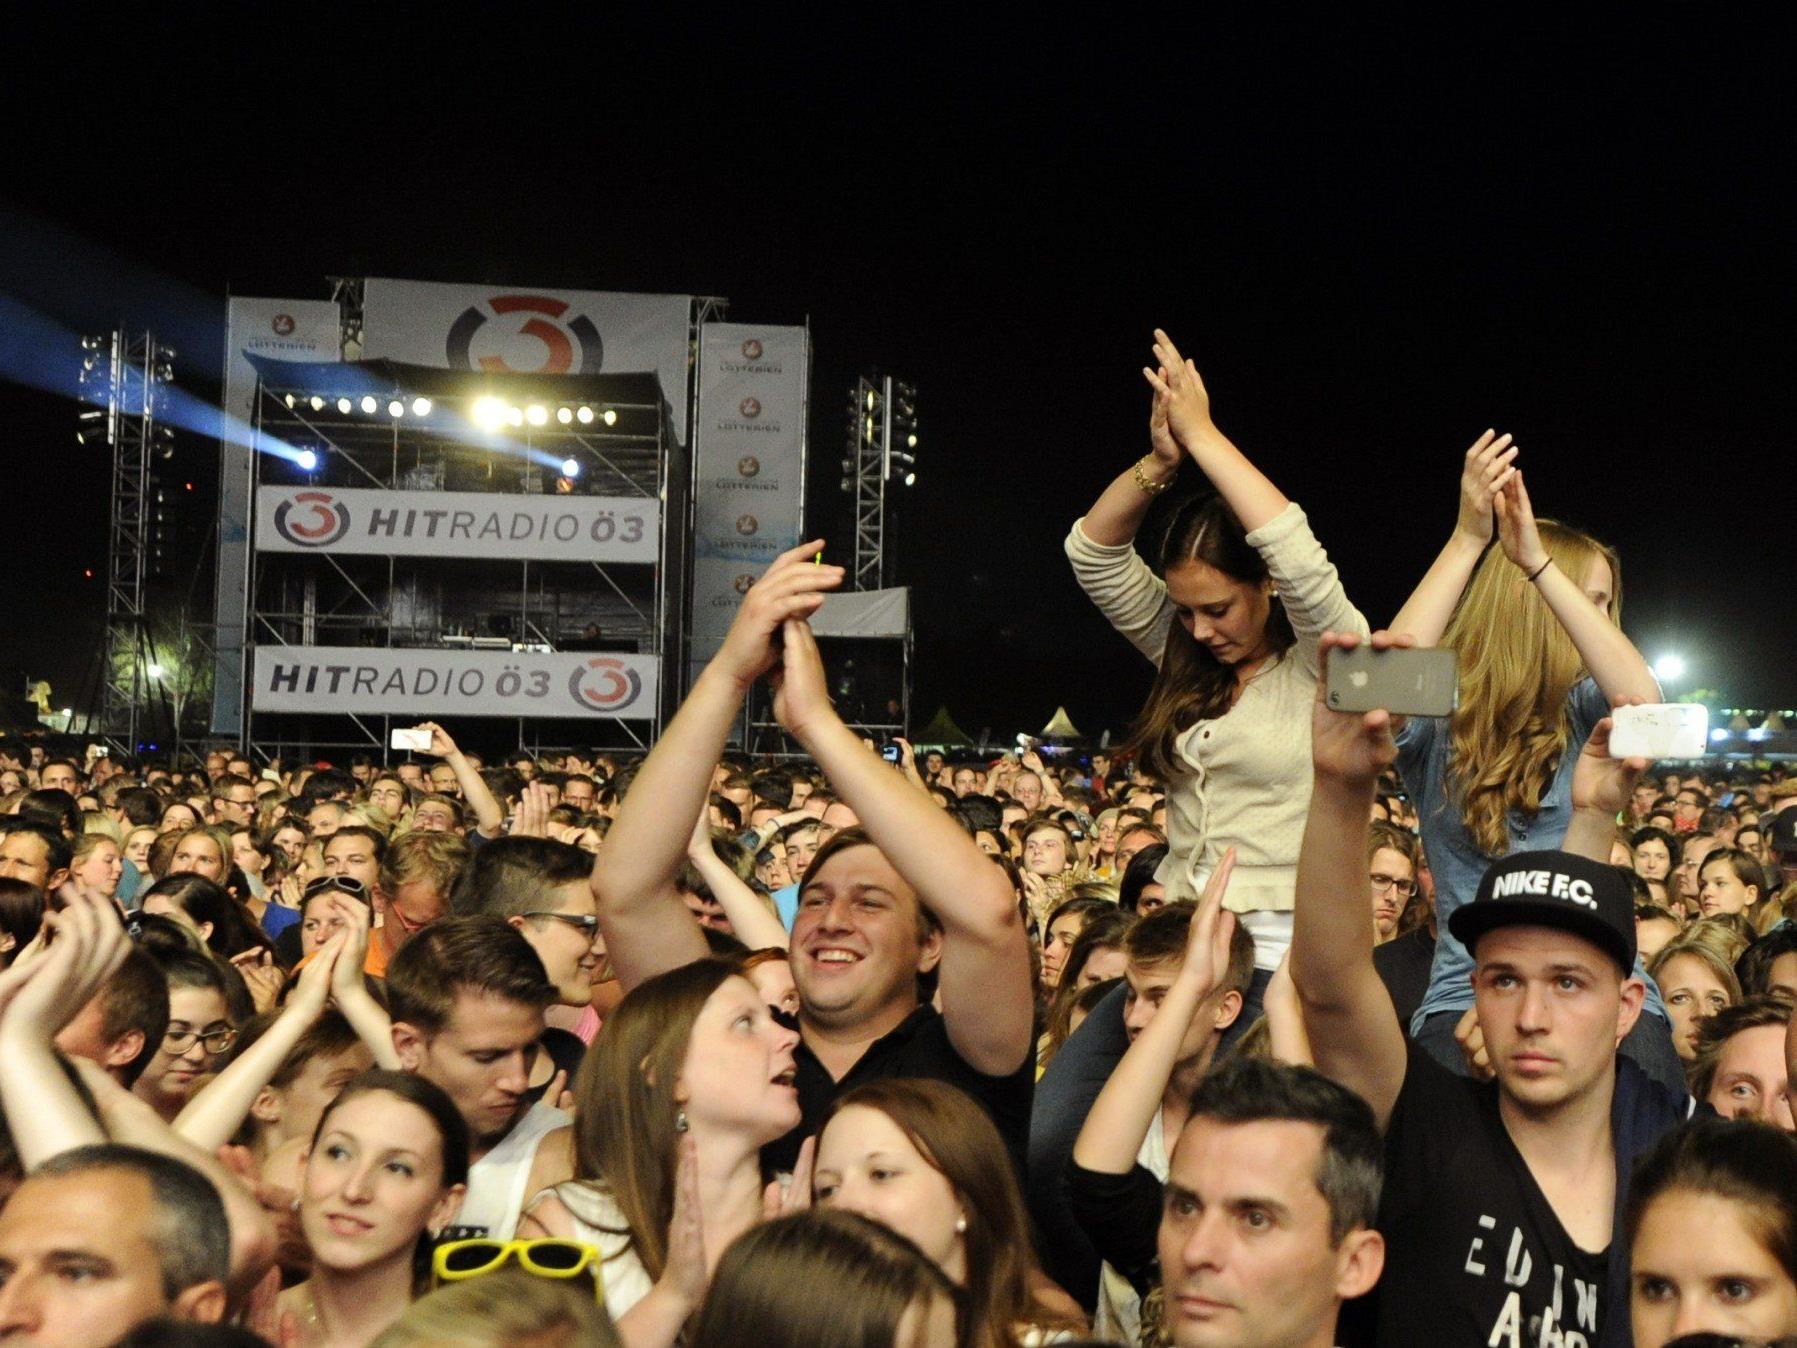 Am Samstag besuchten 1,1 Millionen Menschen das Donauinselfest 2014.